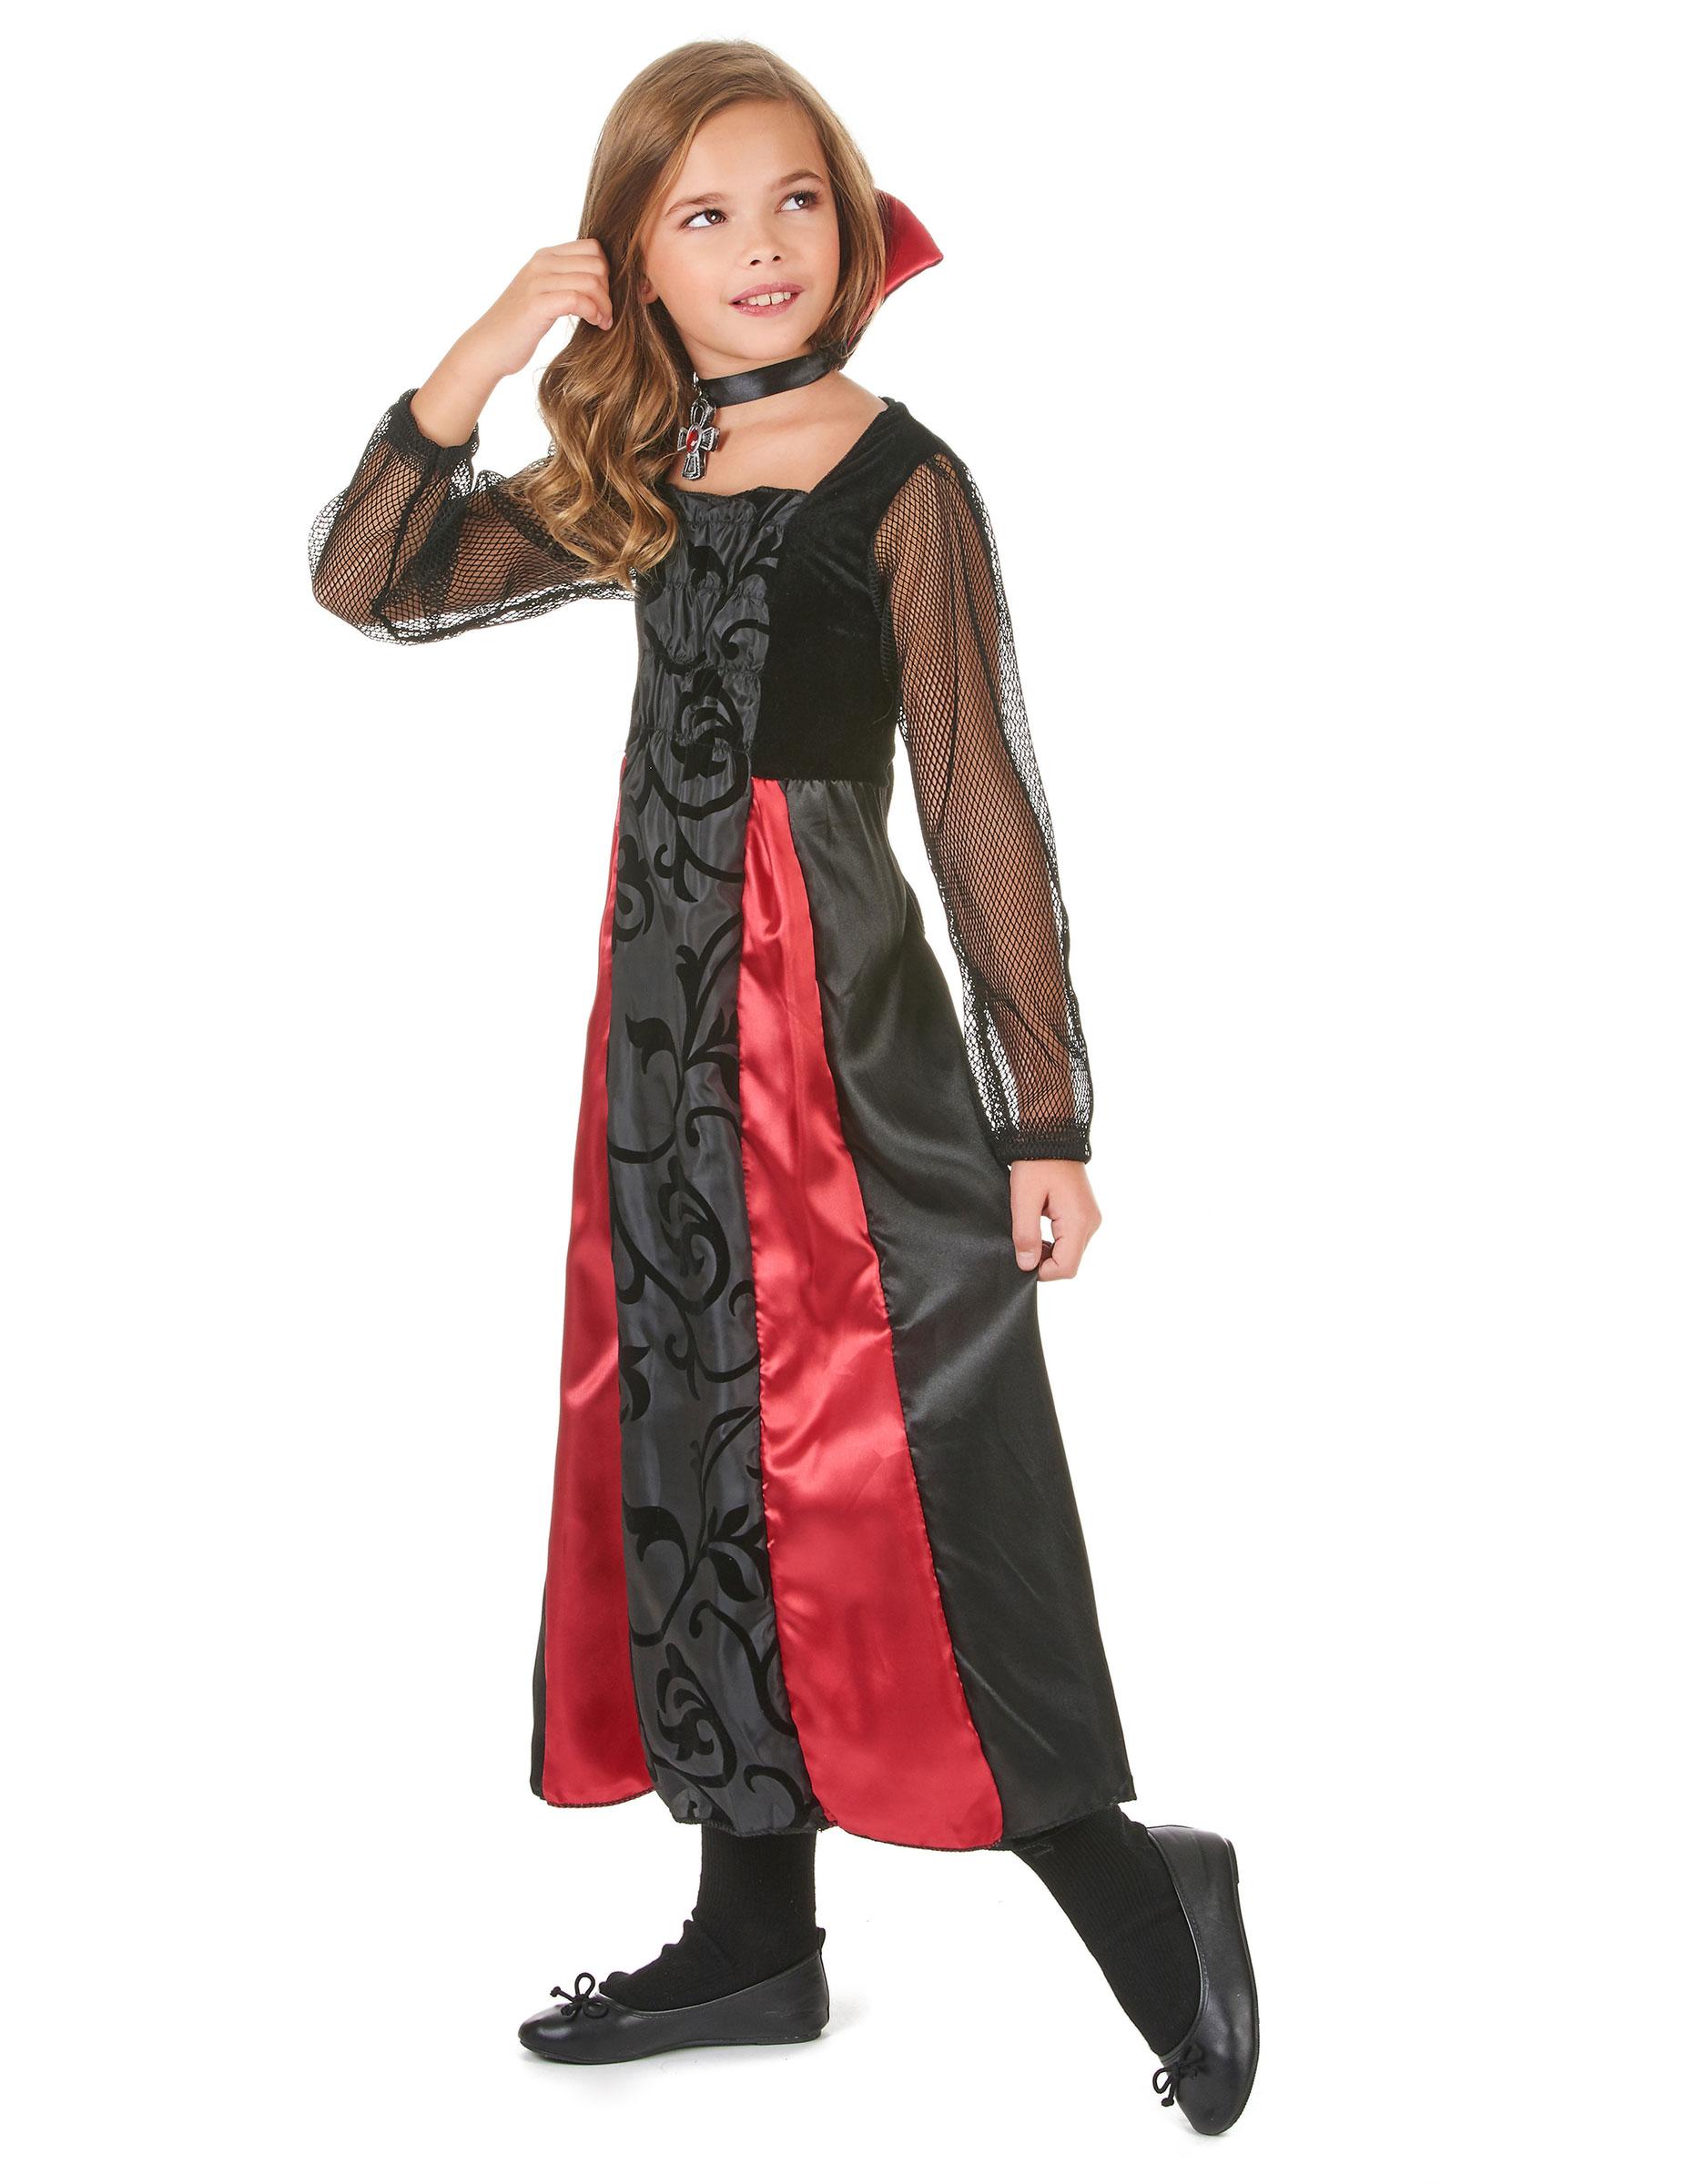 Disfraz de vampiro para niña Halloween: Disfraces niños,y disfraces originales baratos - Vegaoo